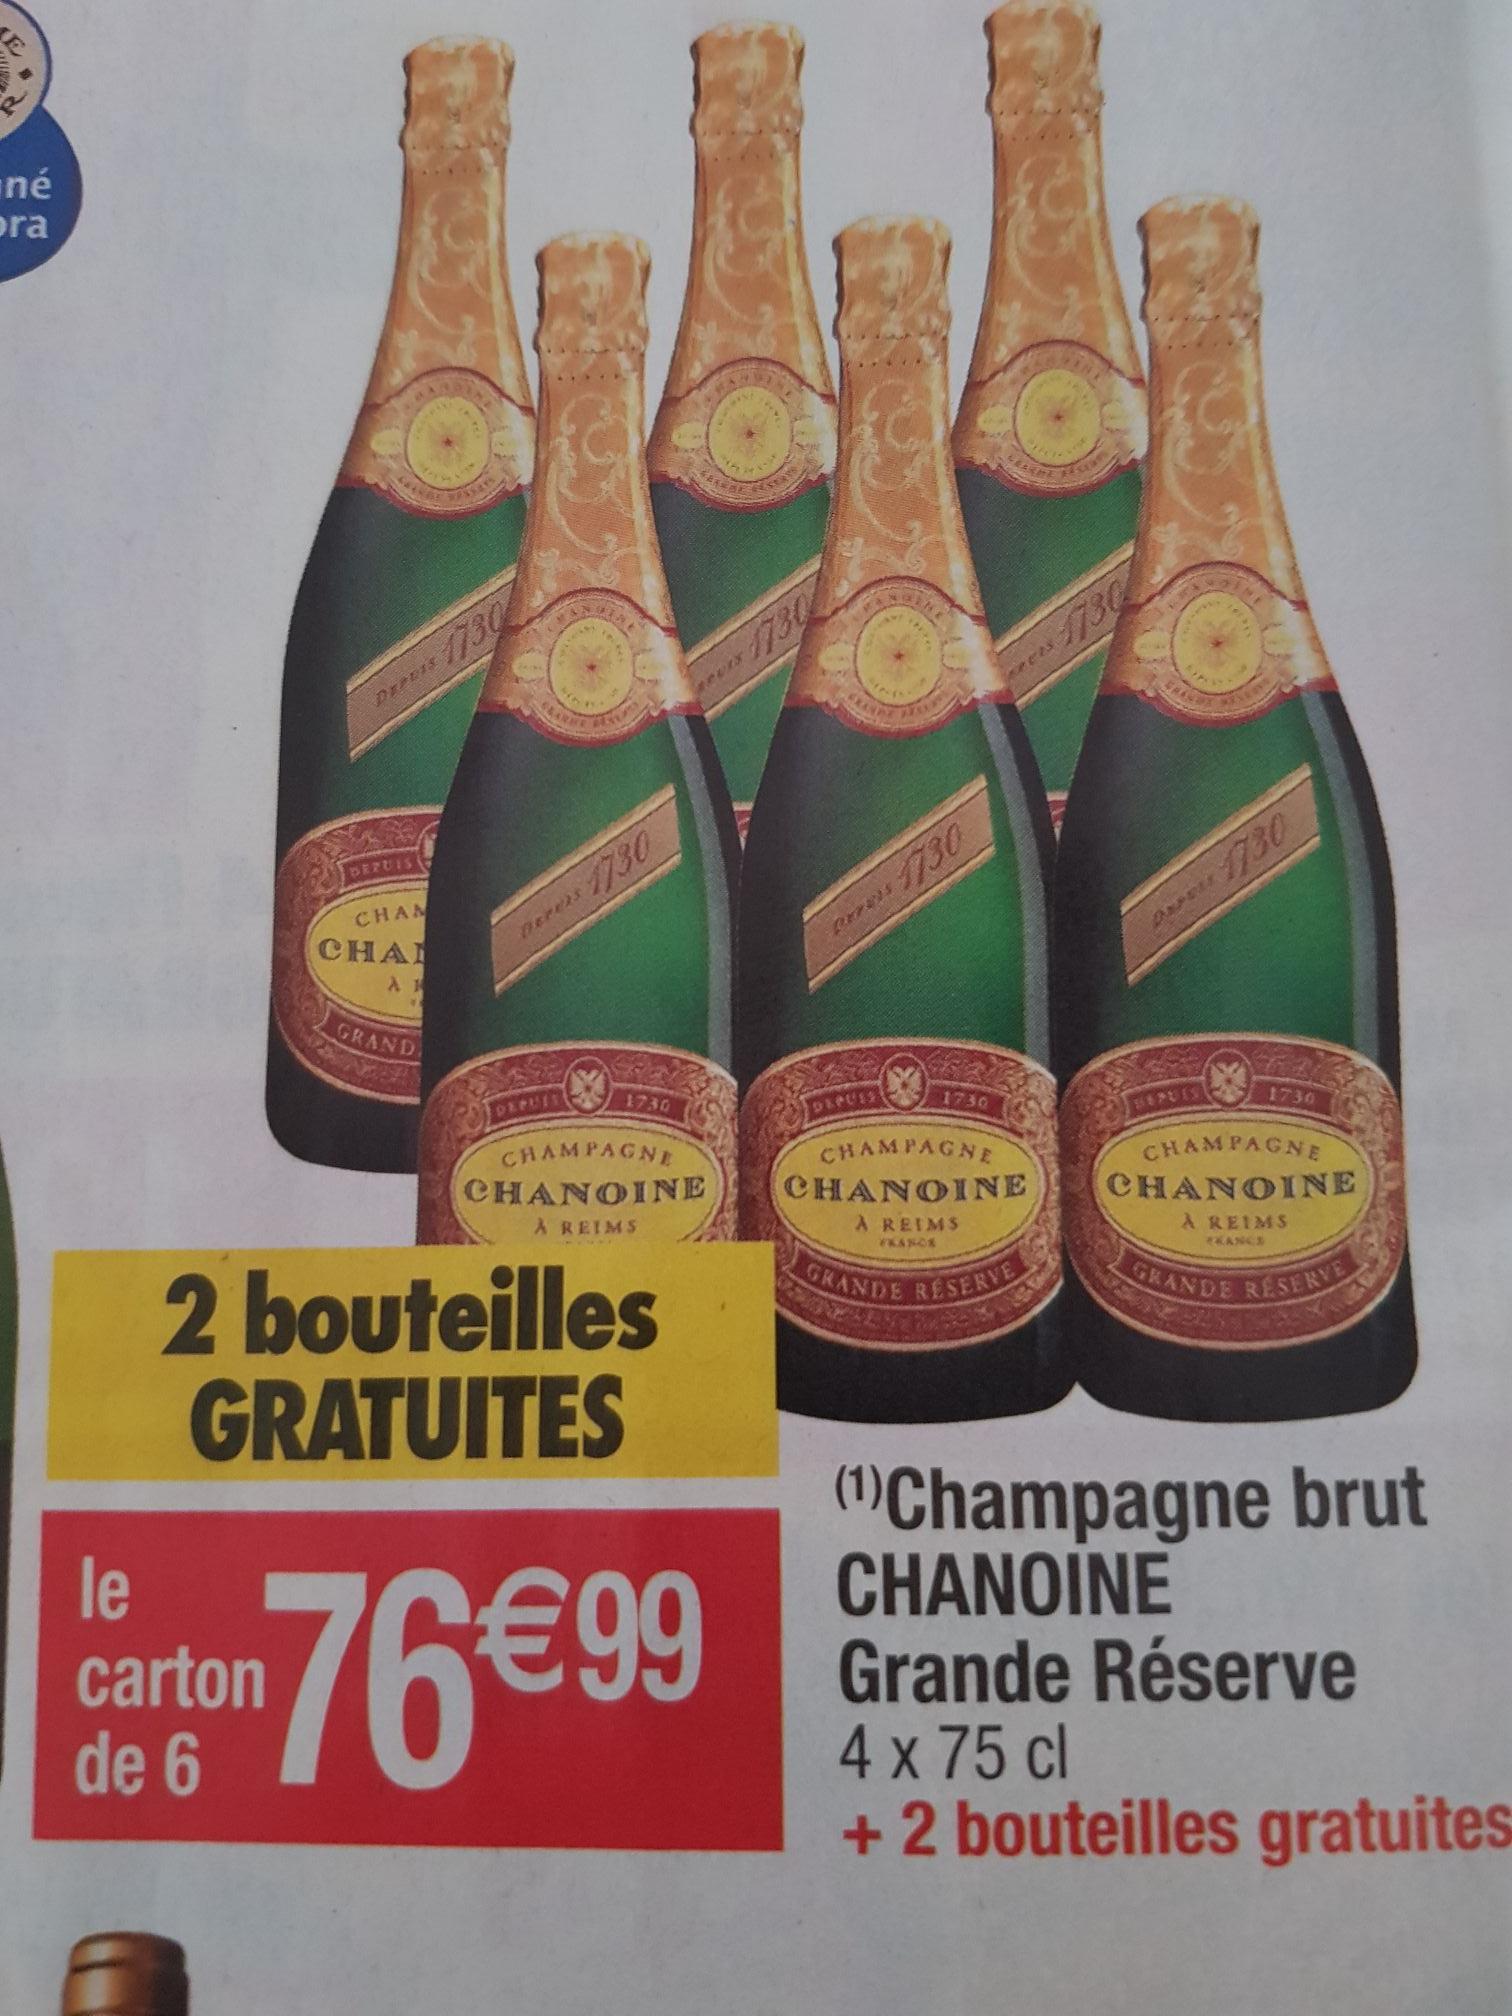 Lot de 6 Bouteilles de Champagne Brut Chanoine grande réserve